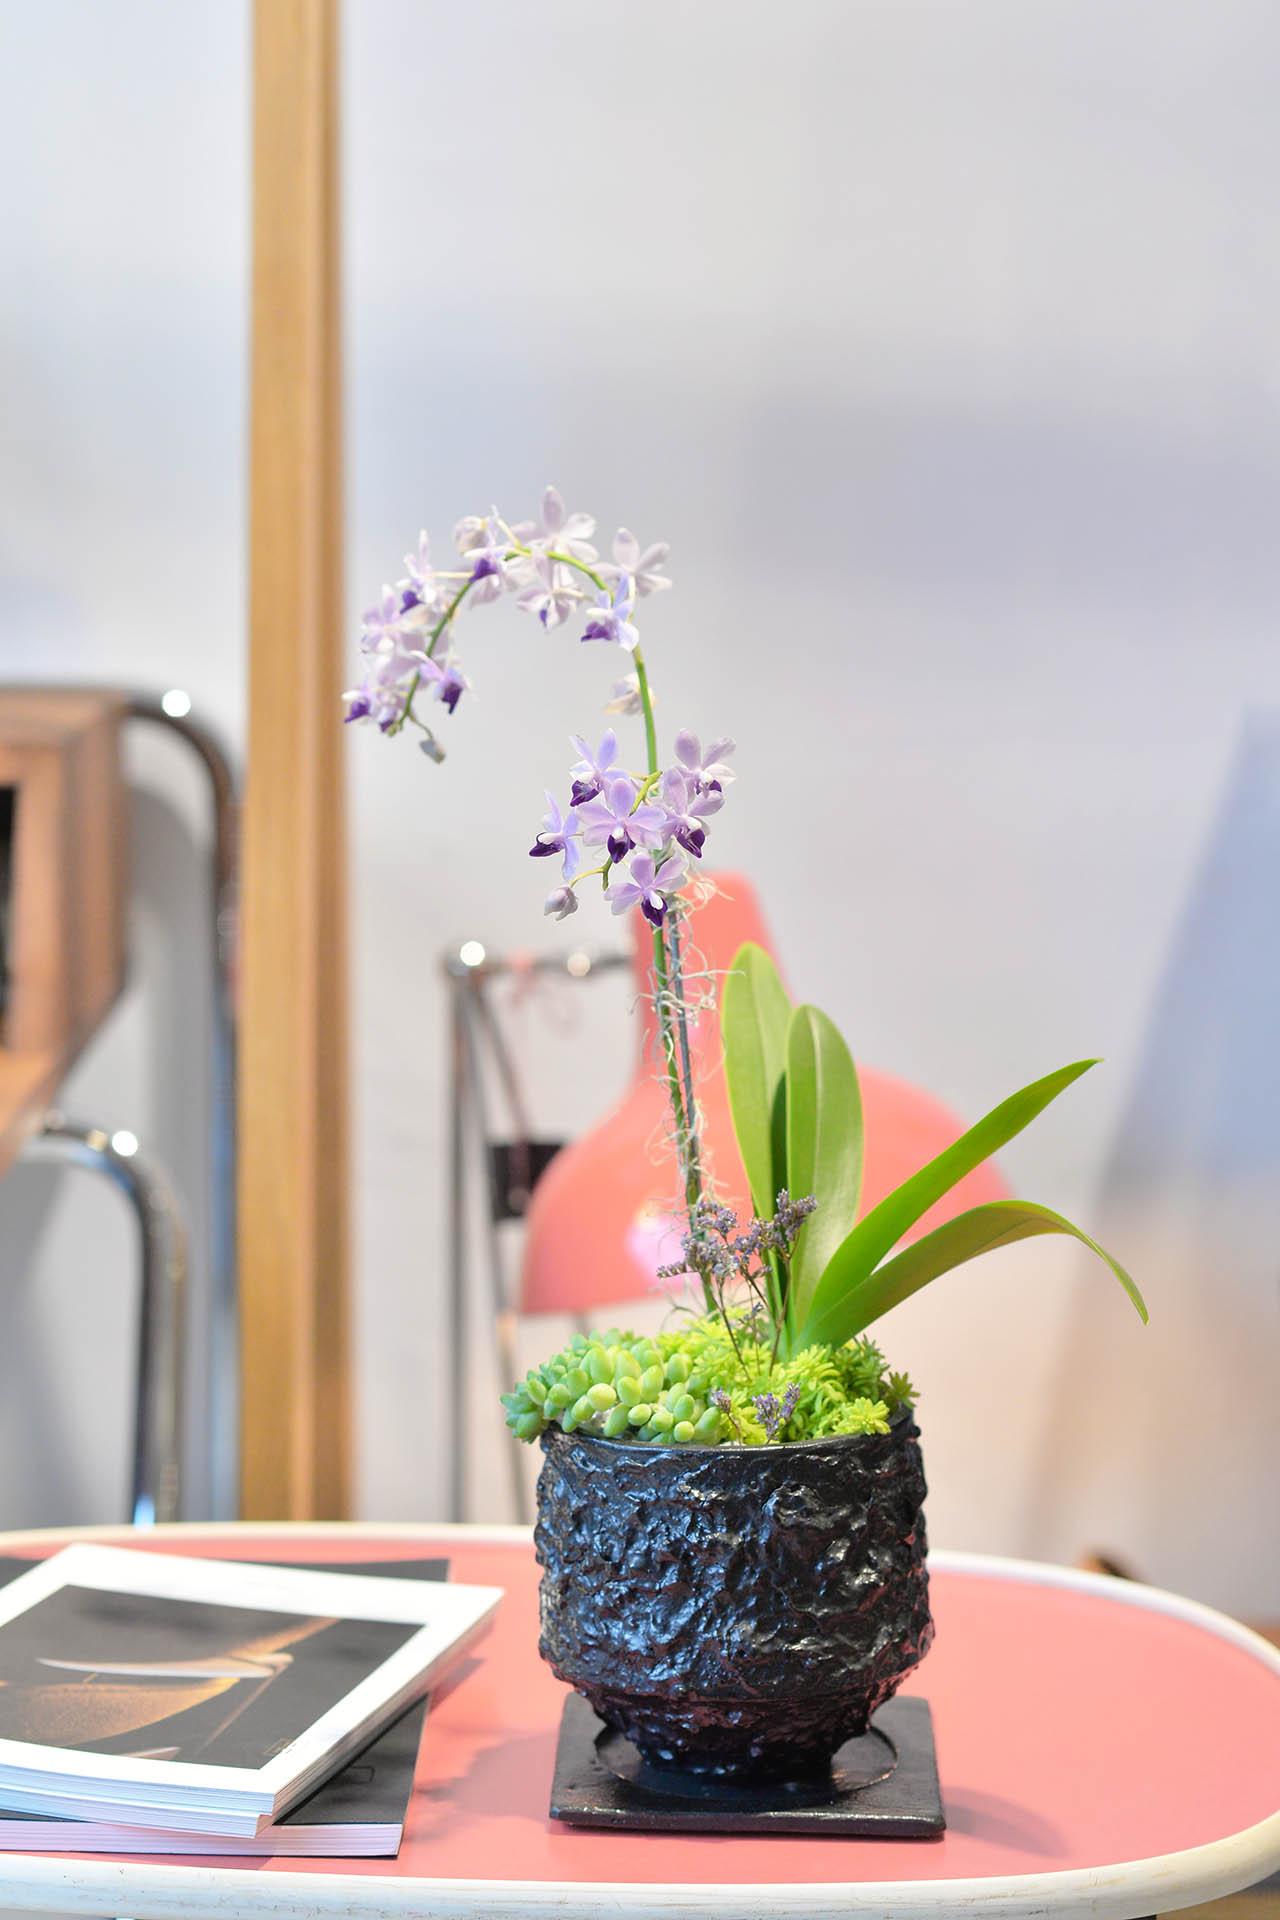 都市裡的紫蘭花 2022 有肉獨賣的紫式部蘭花盆栽.JPG7